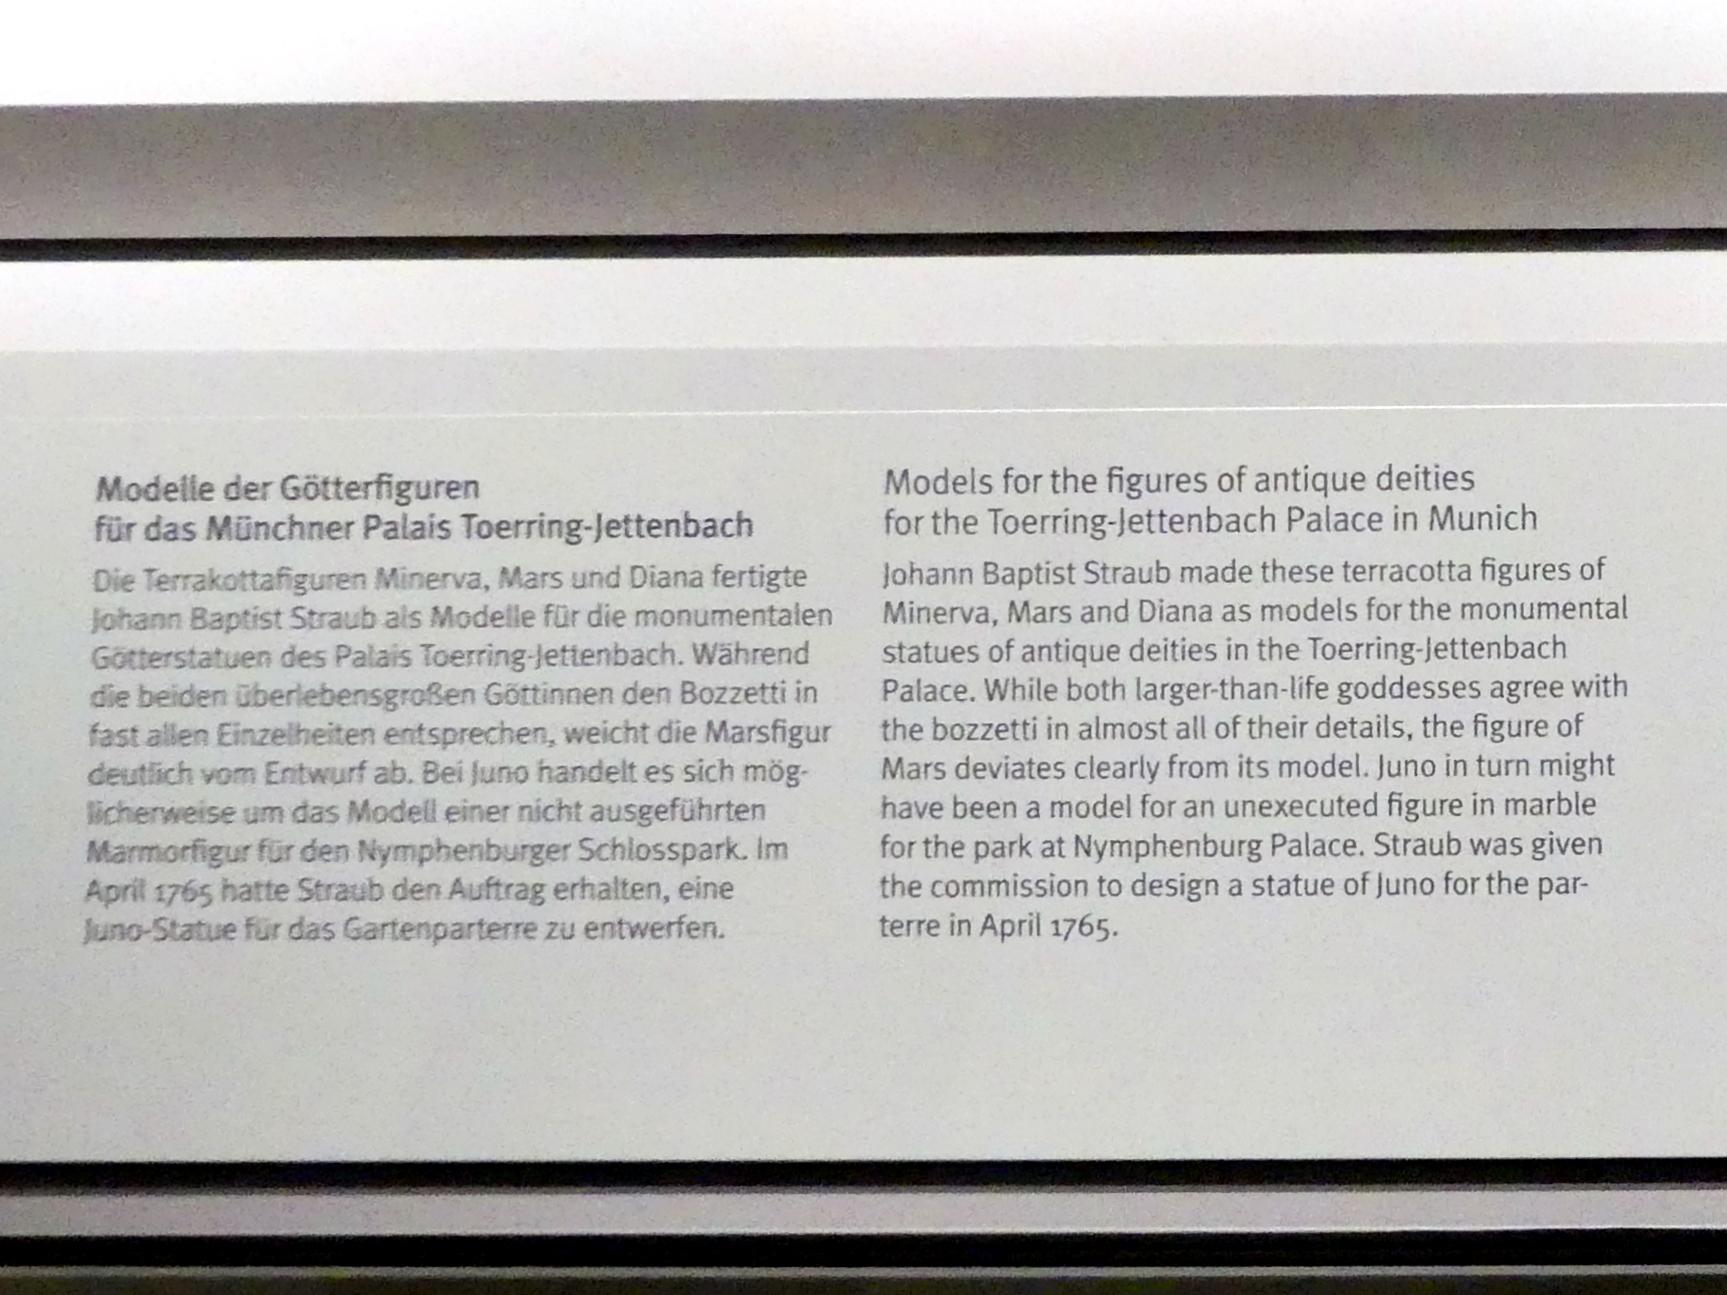 Johann Baptist Straub: Minerva - Modell für das Münchner Palais Toerring-Jettenbach, um 1772, Bild 3/3